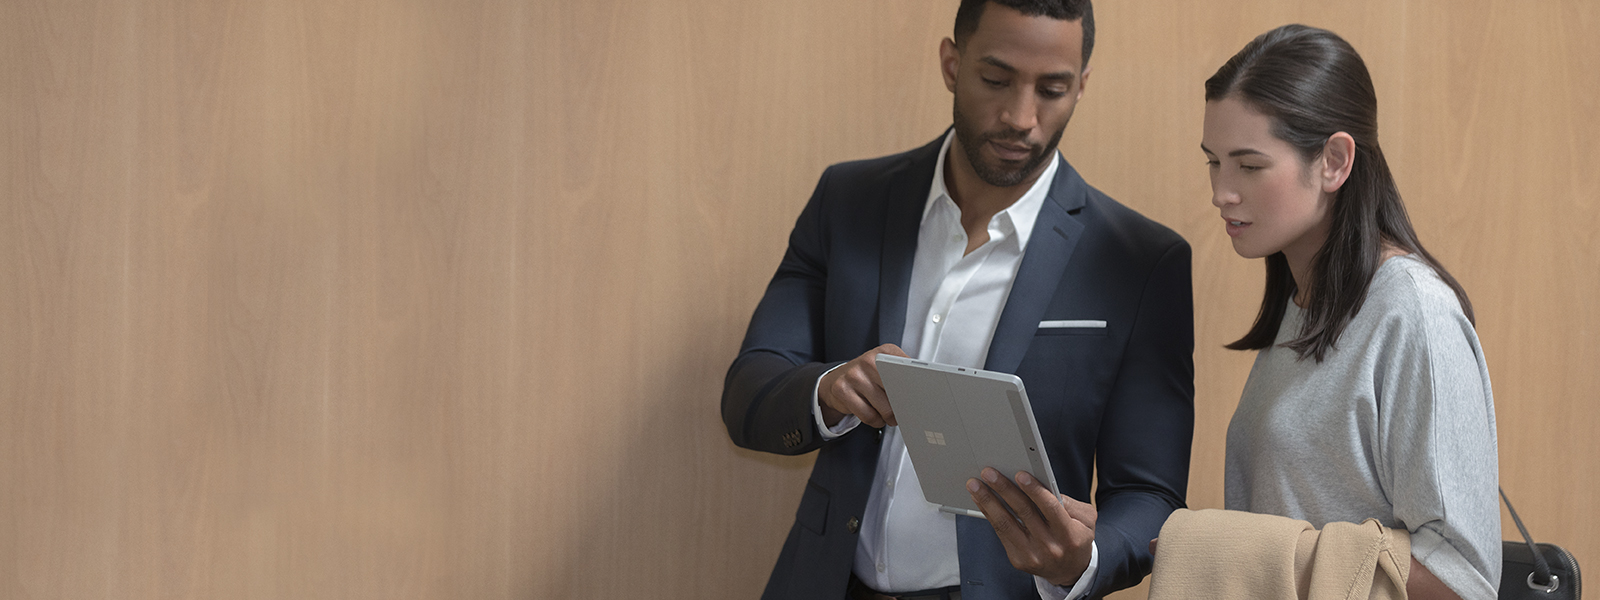 Forretningsmand og forretningskvinde, der kigger på en Surface Go i en gang